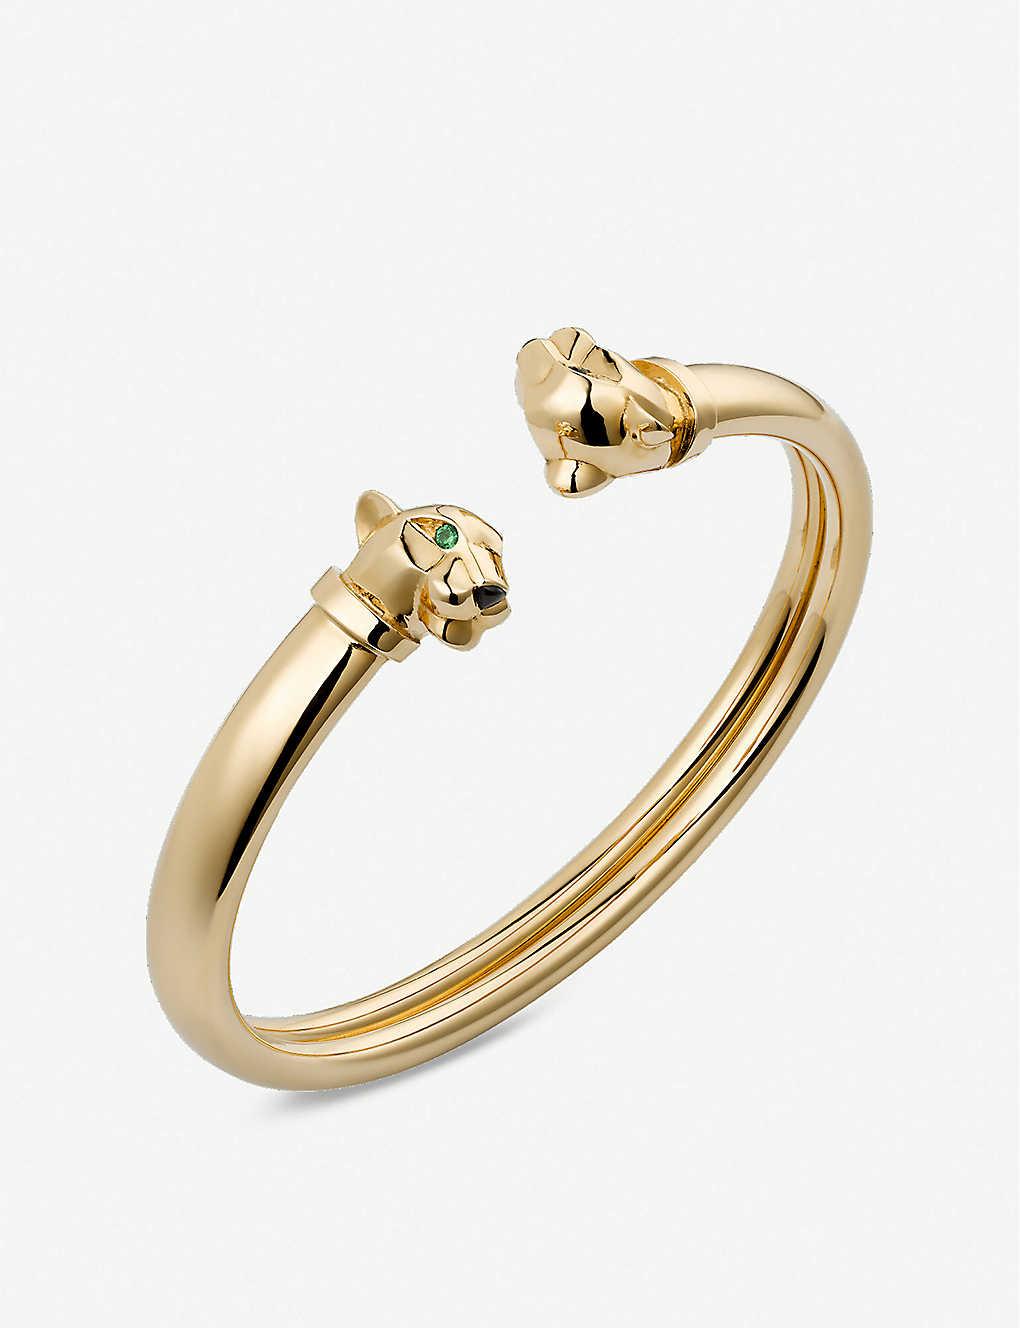 Panthere de Cartier Bracelet for Cartier vs. Tiffany